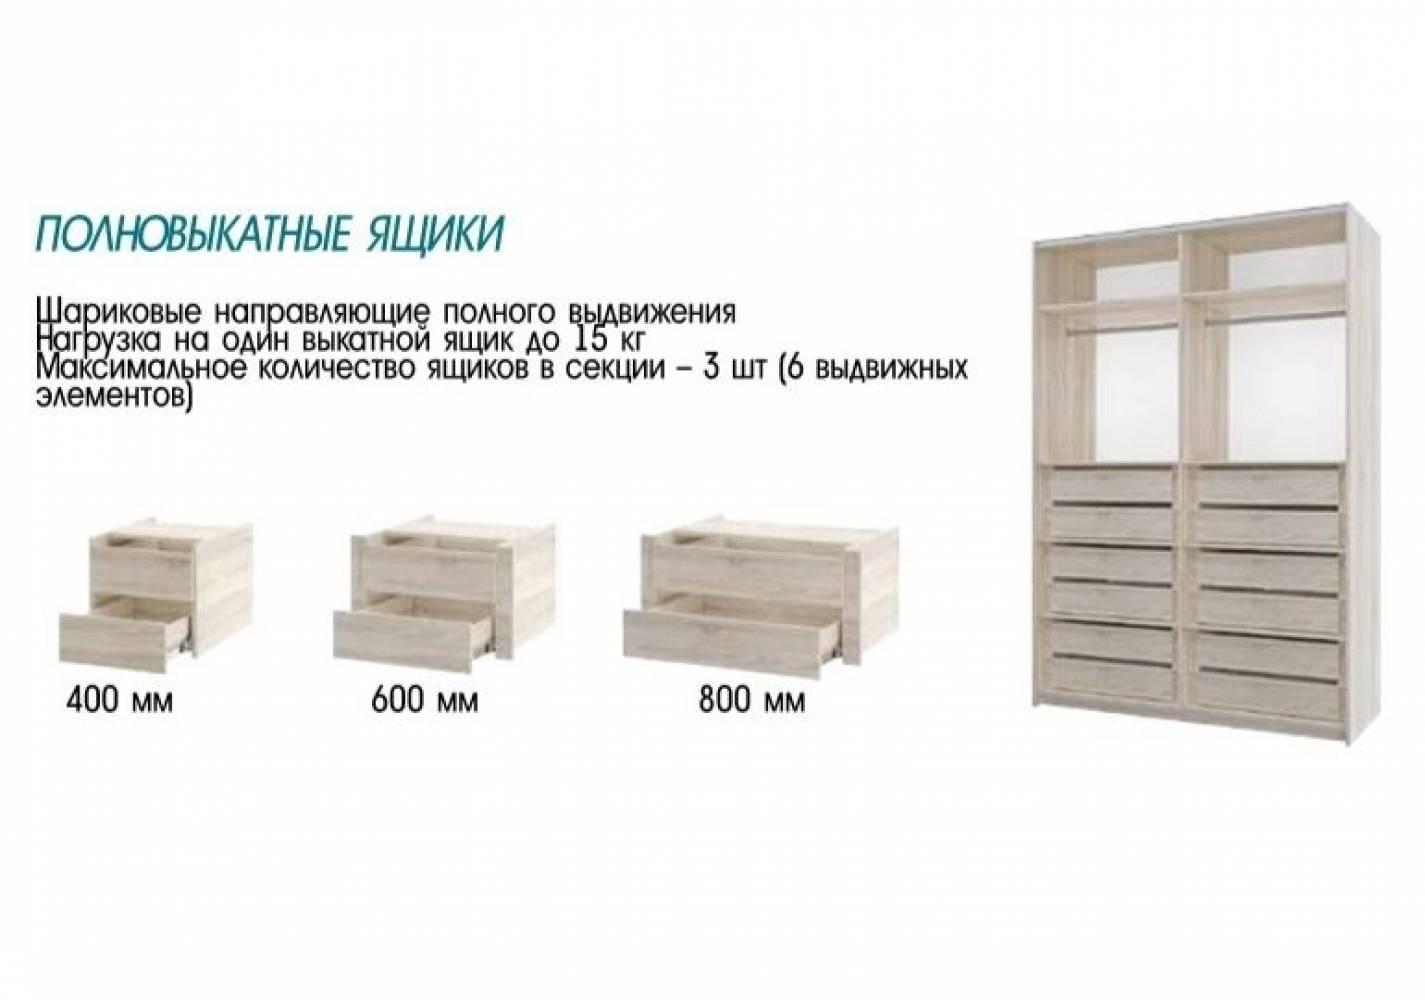 Шкаф Фортуна-4 (1600) 400/400/400/400